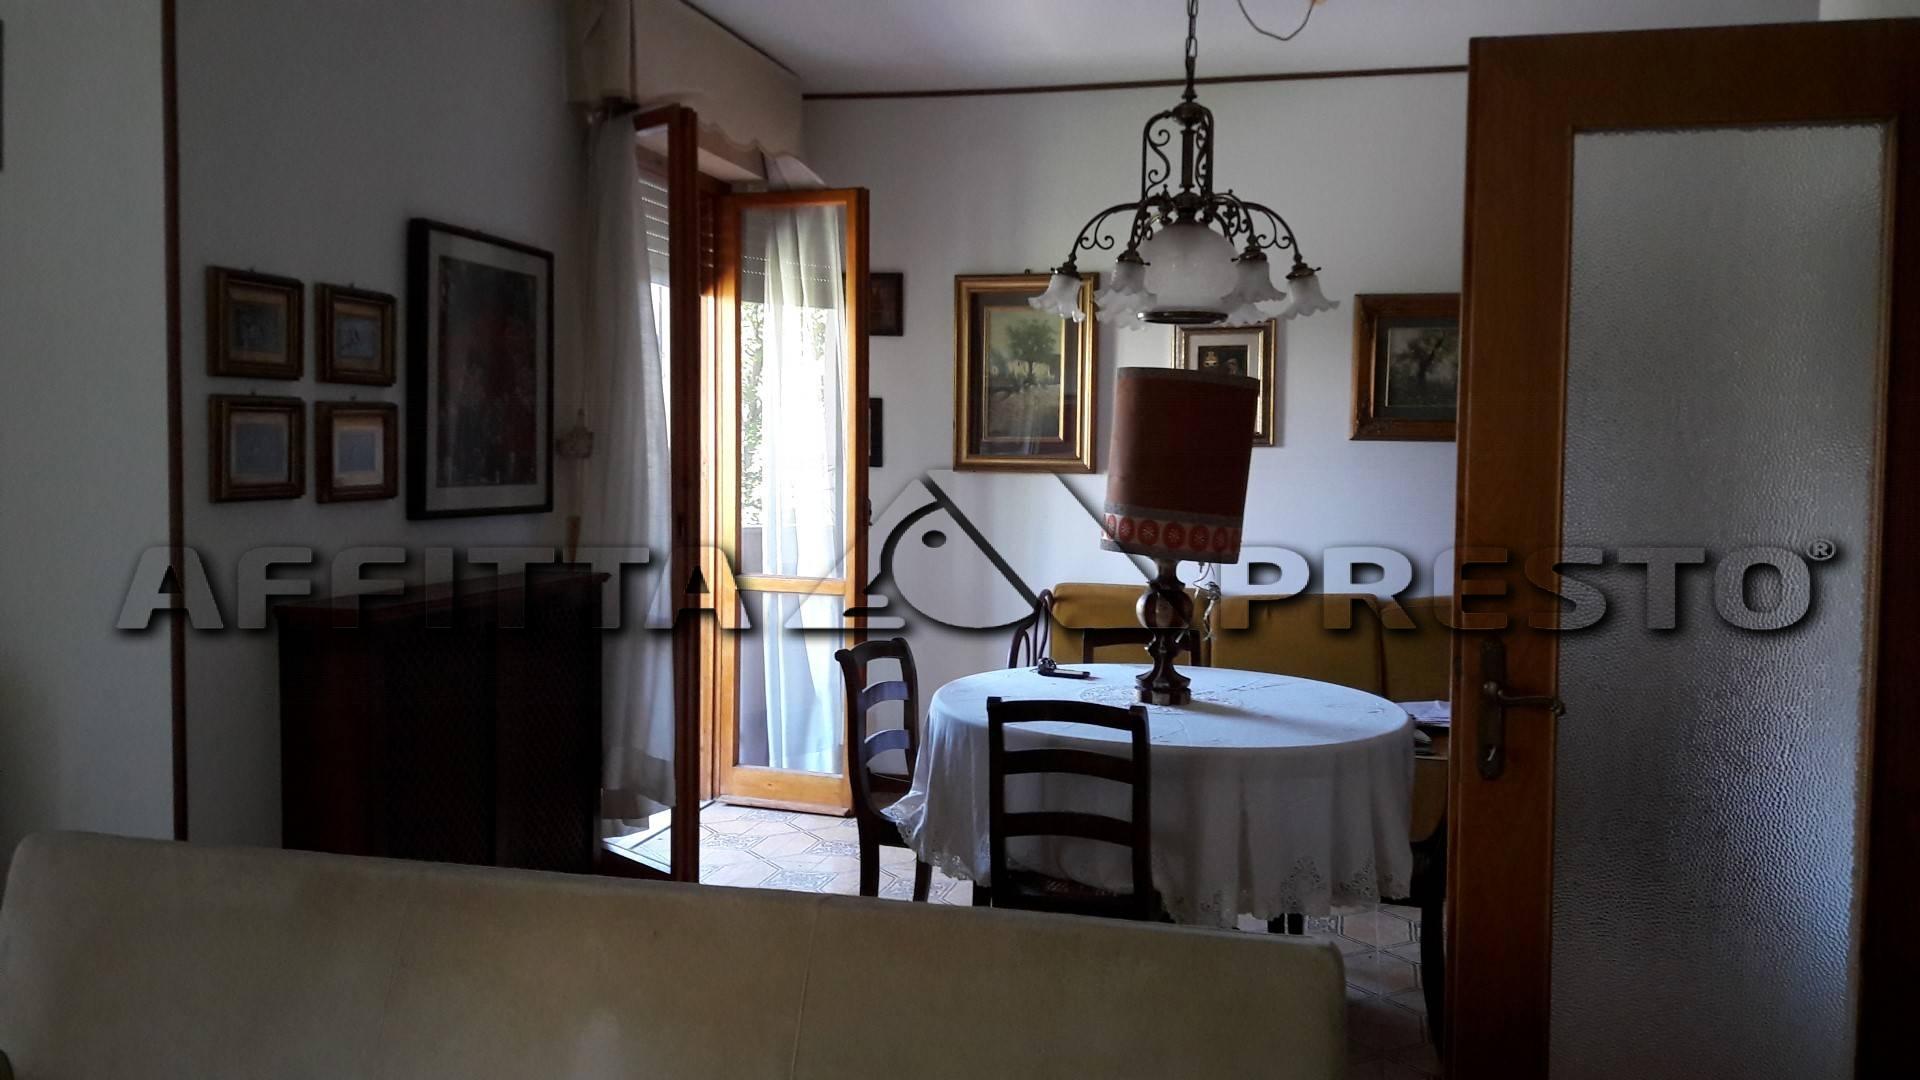 Appartamento in affitto a Cep, Pisa